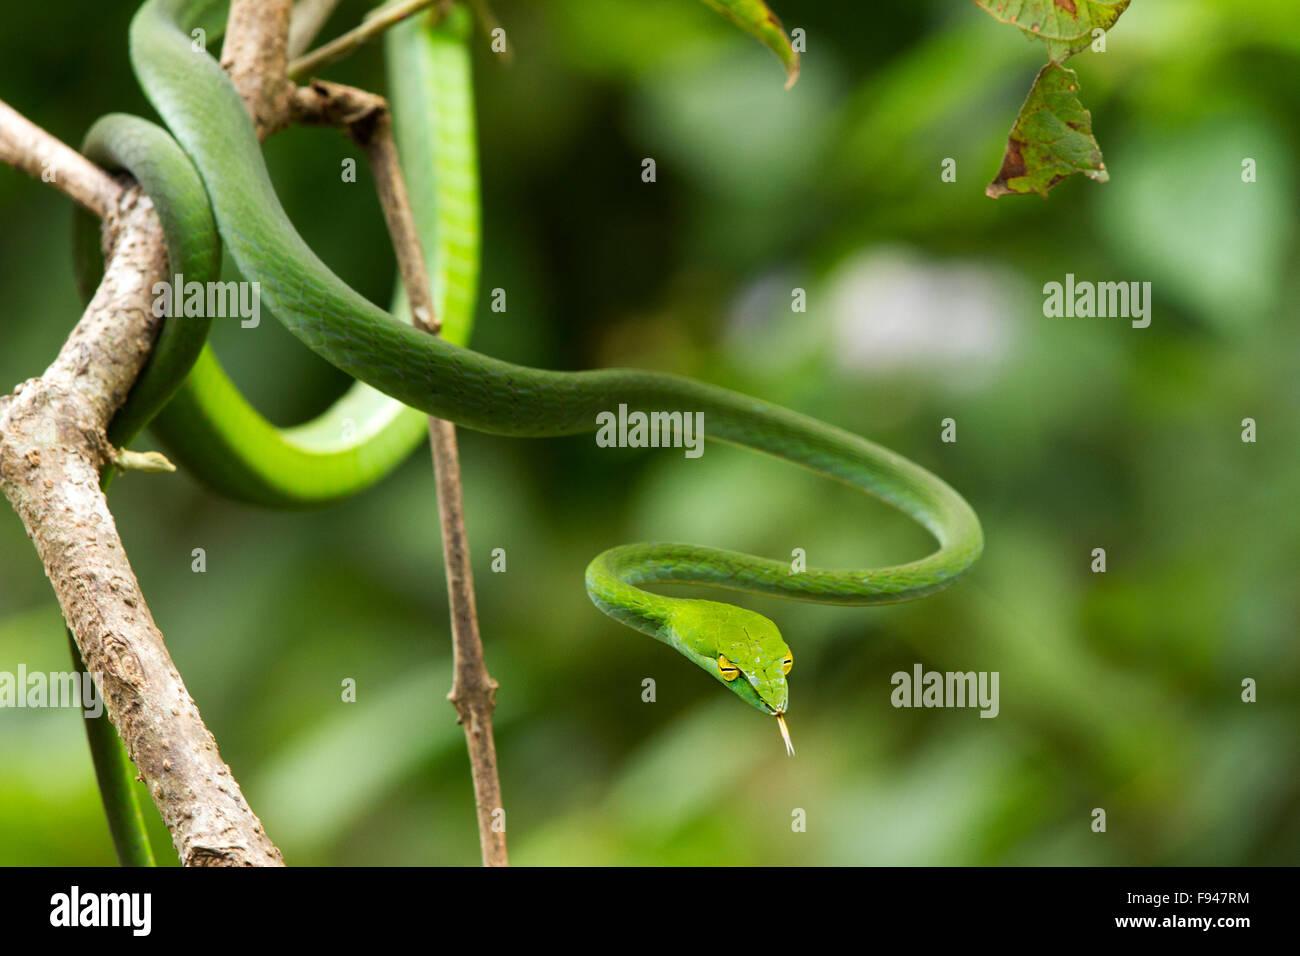 La Serpiente (vid común Ahaetulla nasuta), es un esbelto árbol verde serpiente encontrada en la India Foto de stock